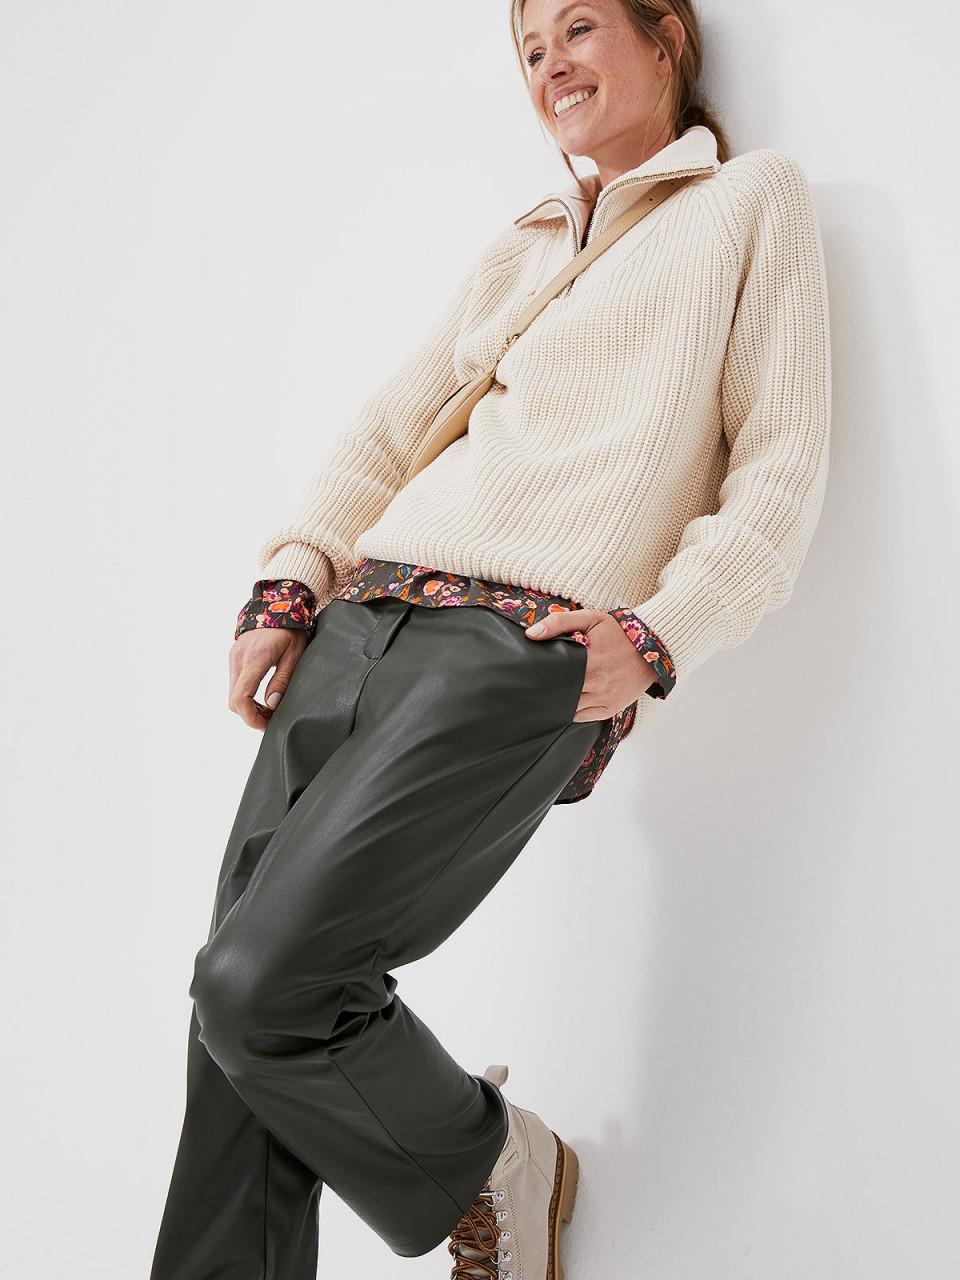 Hosen - SMITH SOUL Damen Hose, grün  - Onlineshop Designermode.com